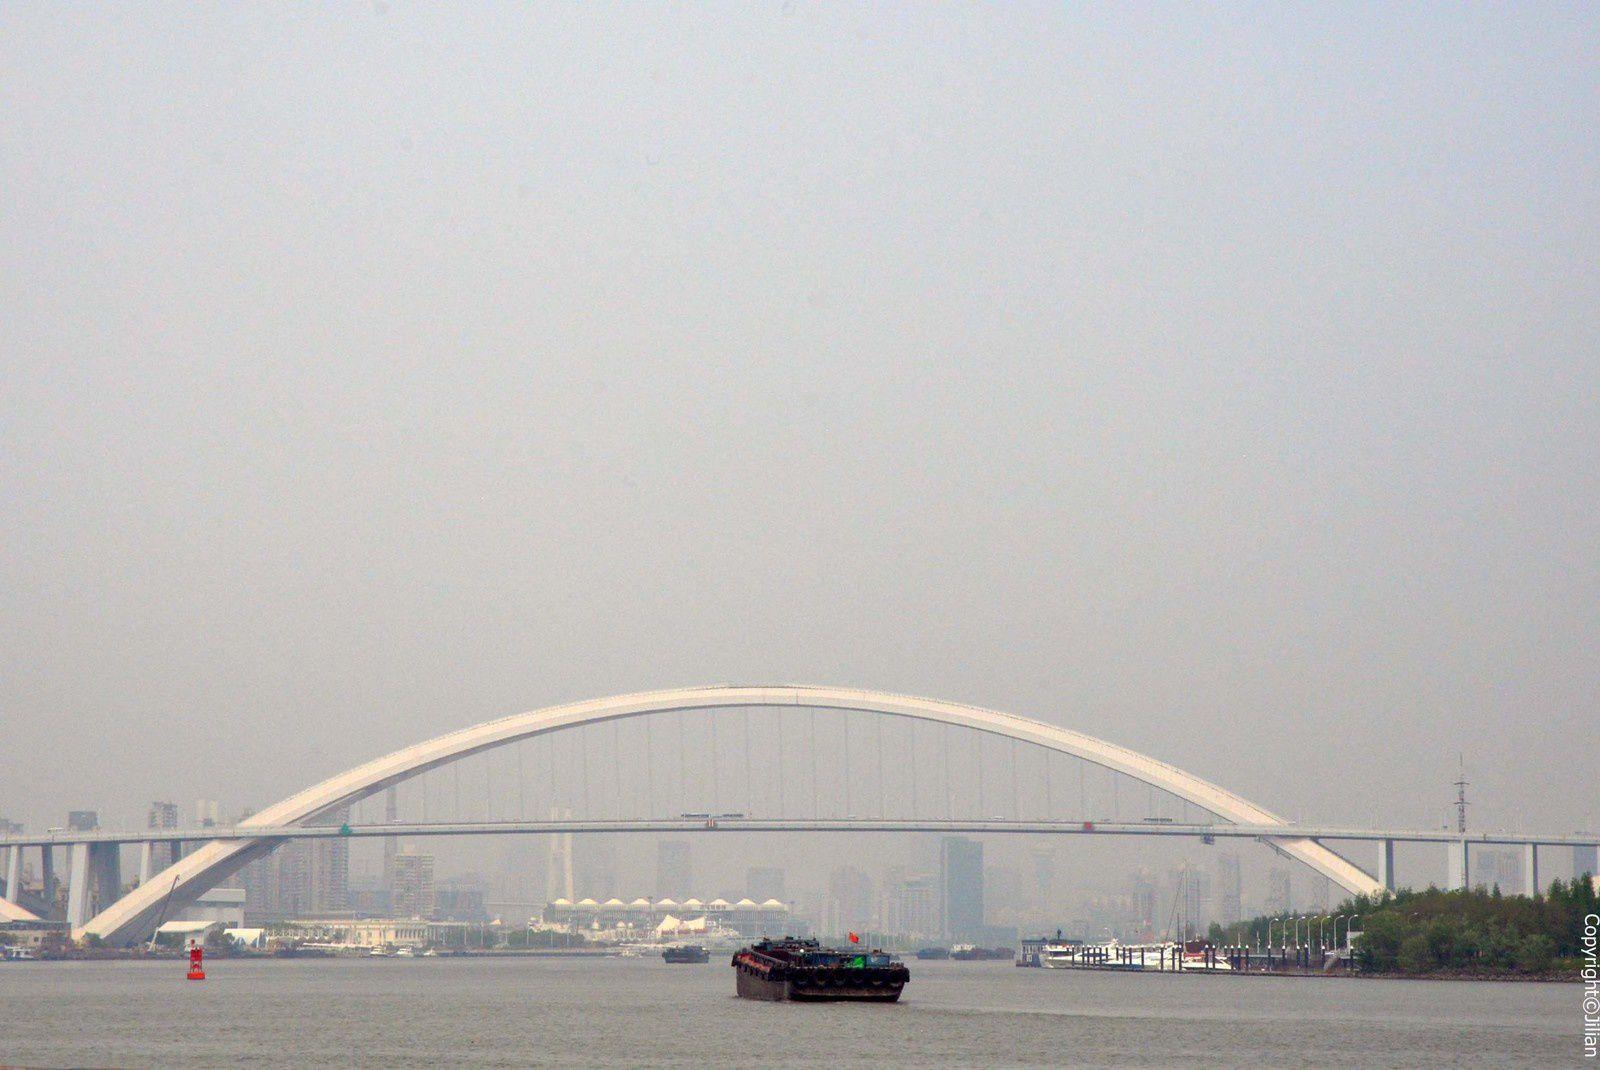 Shanghai 2017 : droites et courbes - 2017 年的上海 :直线曲线